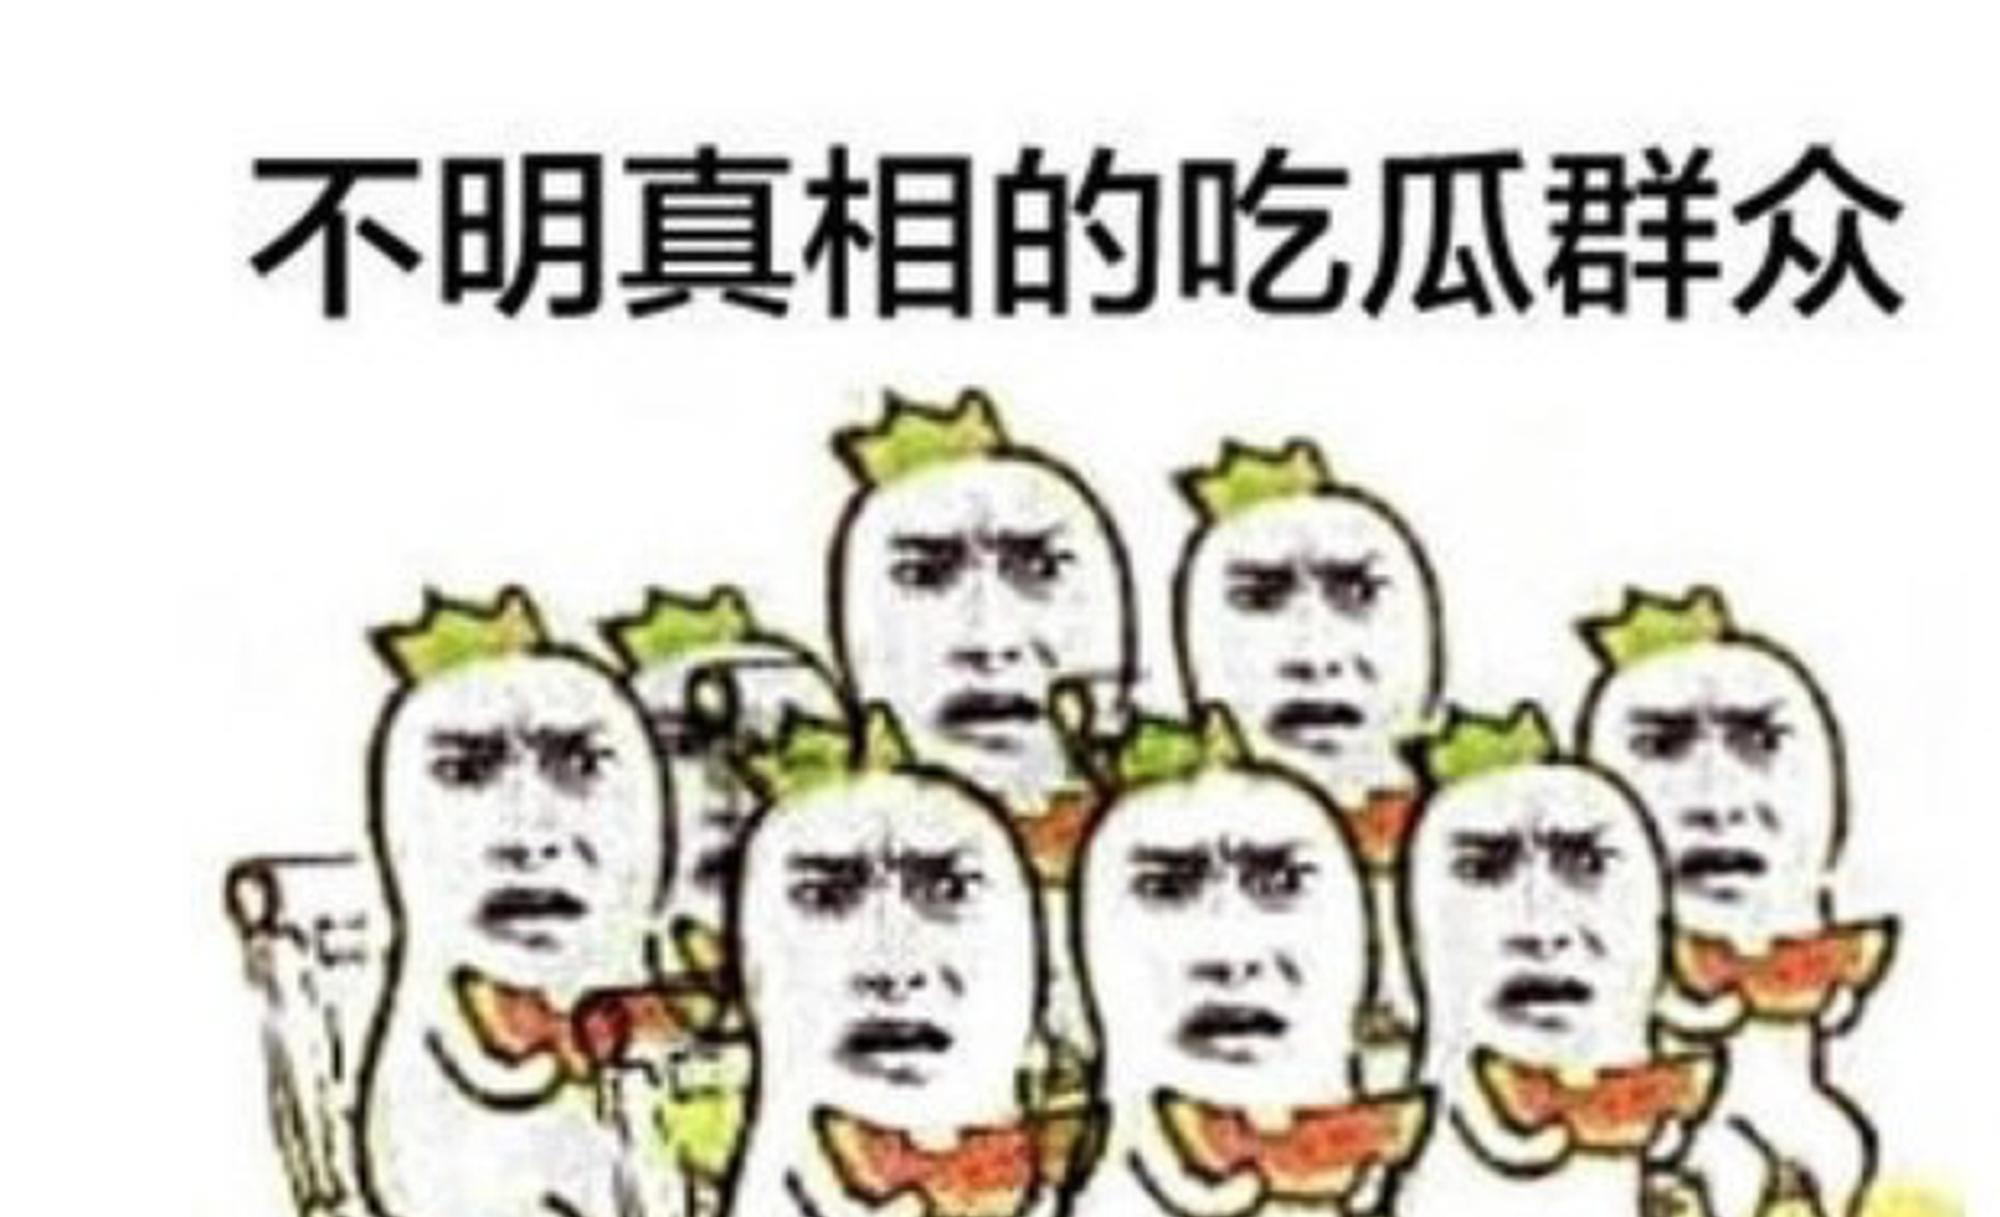 没有绝活的北京现代要在中国失宠?